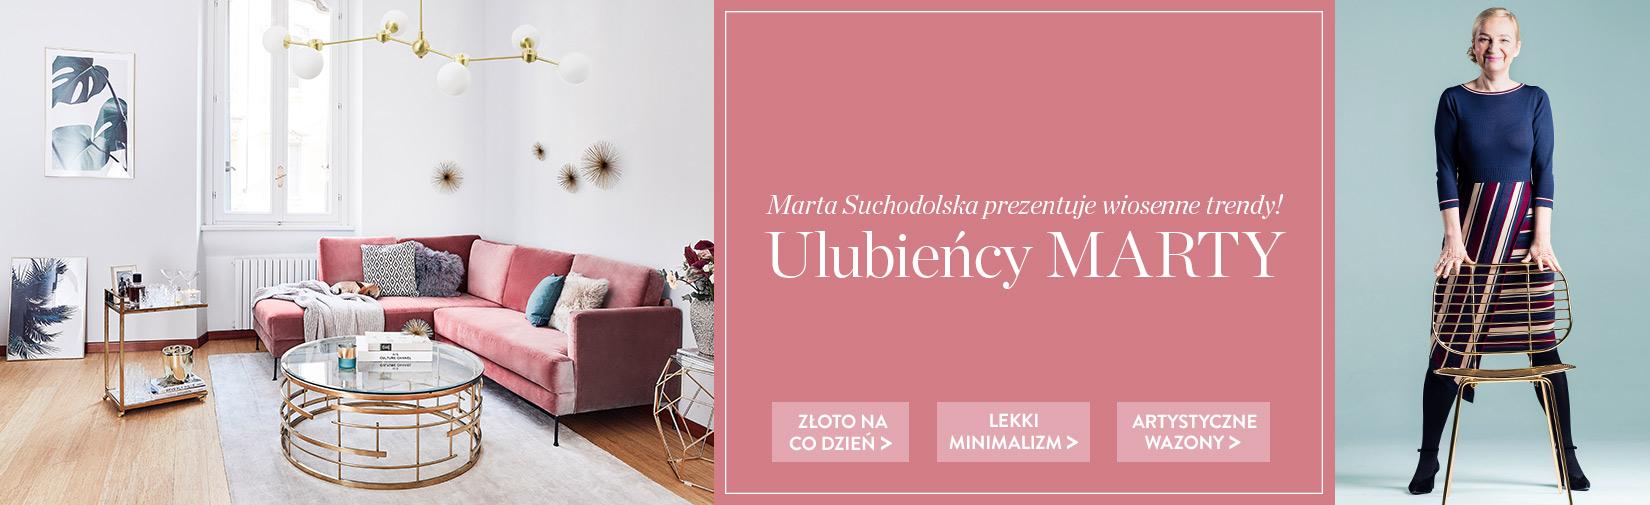 LP_Marta_Allgemein_desktop